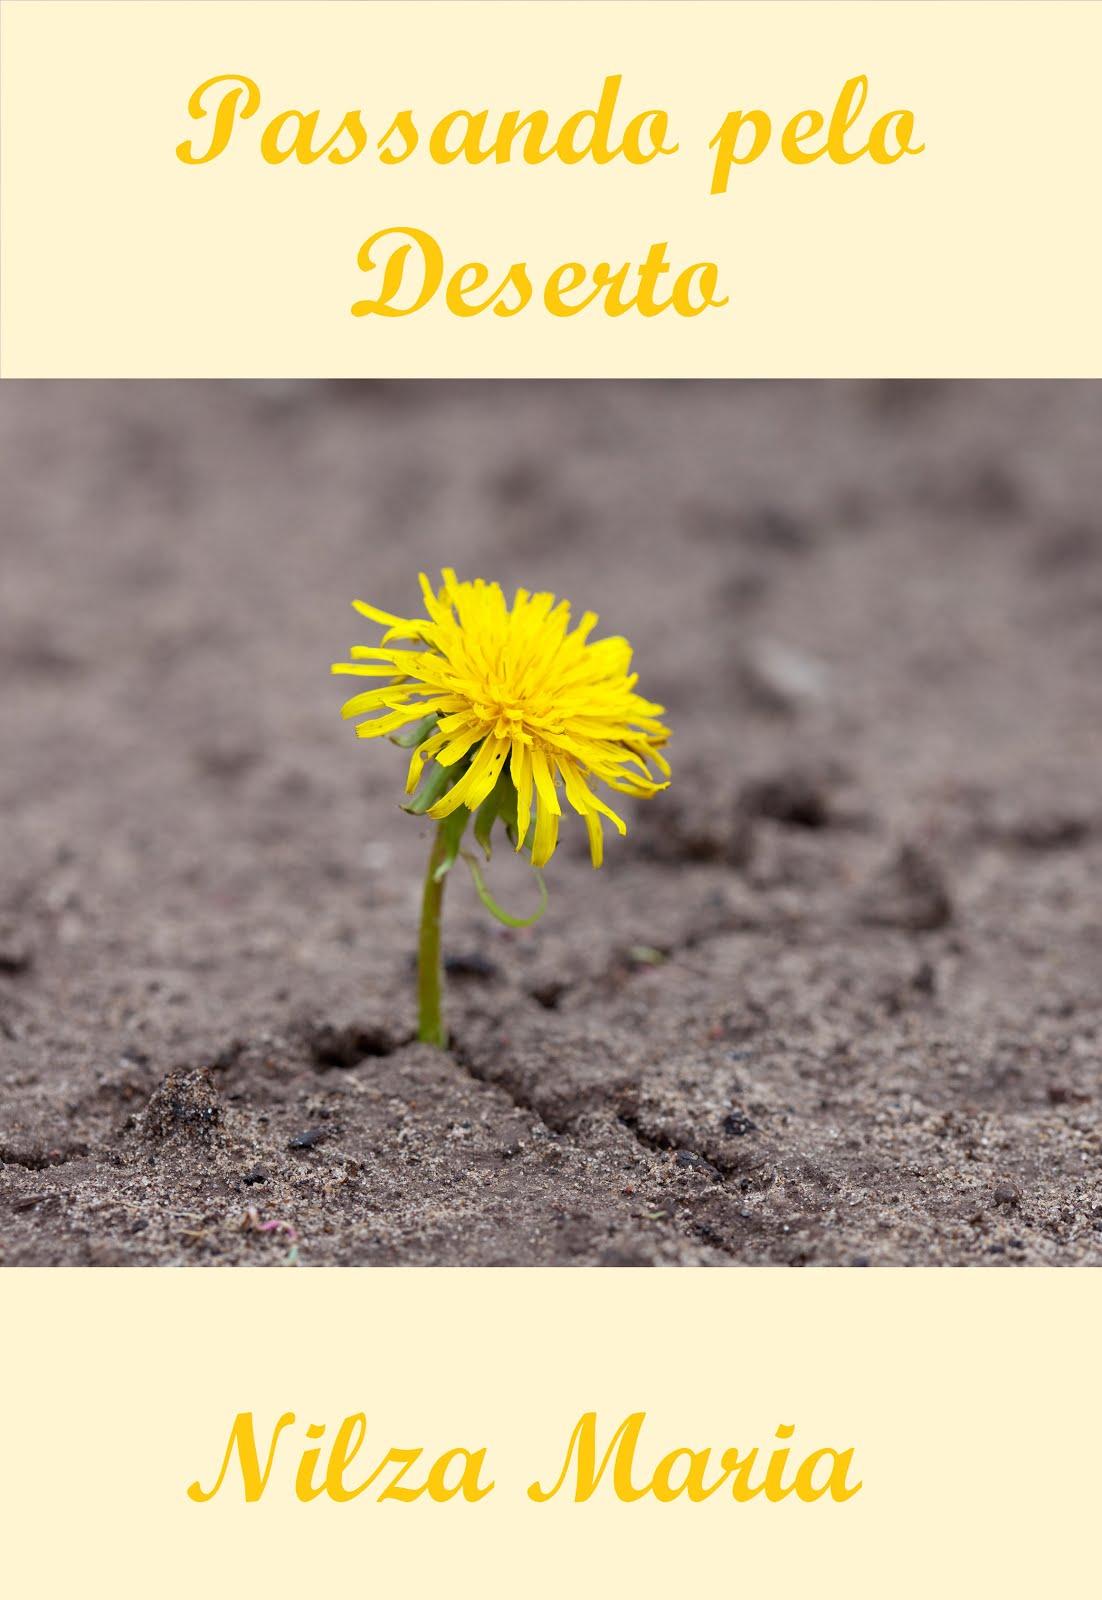 E-book: Passando pelo deserto